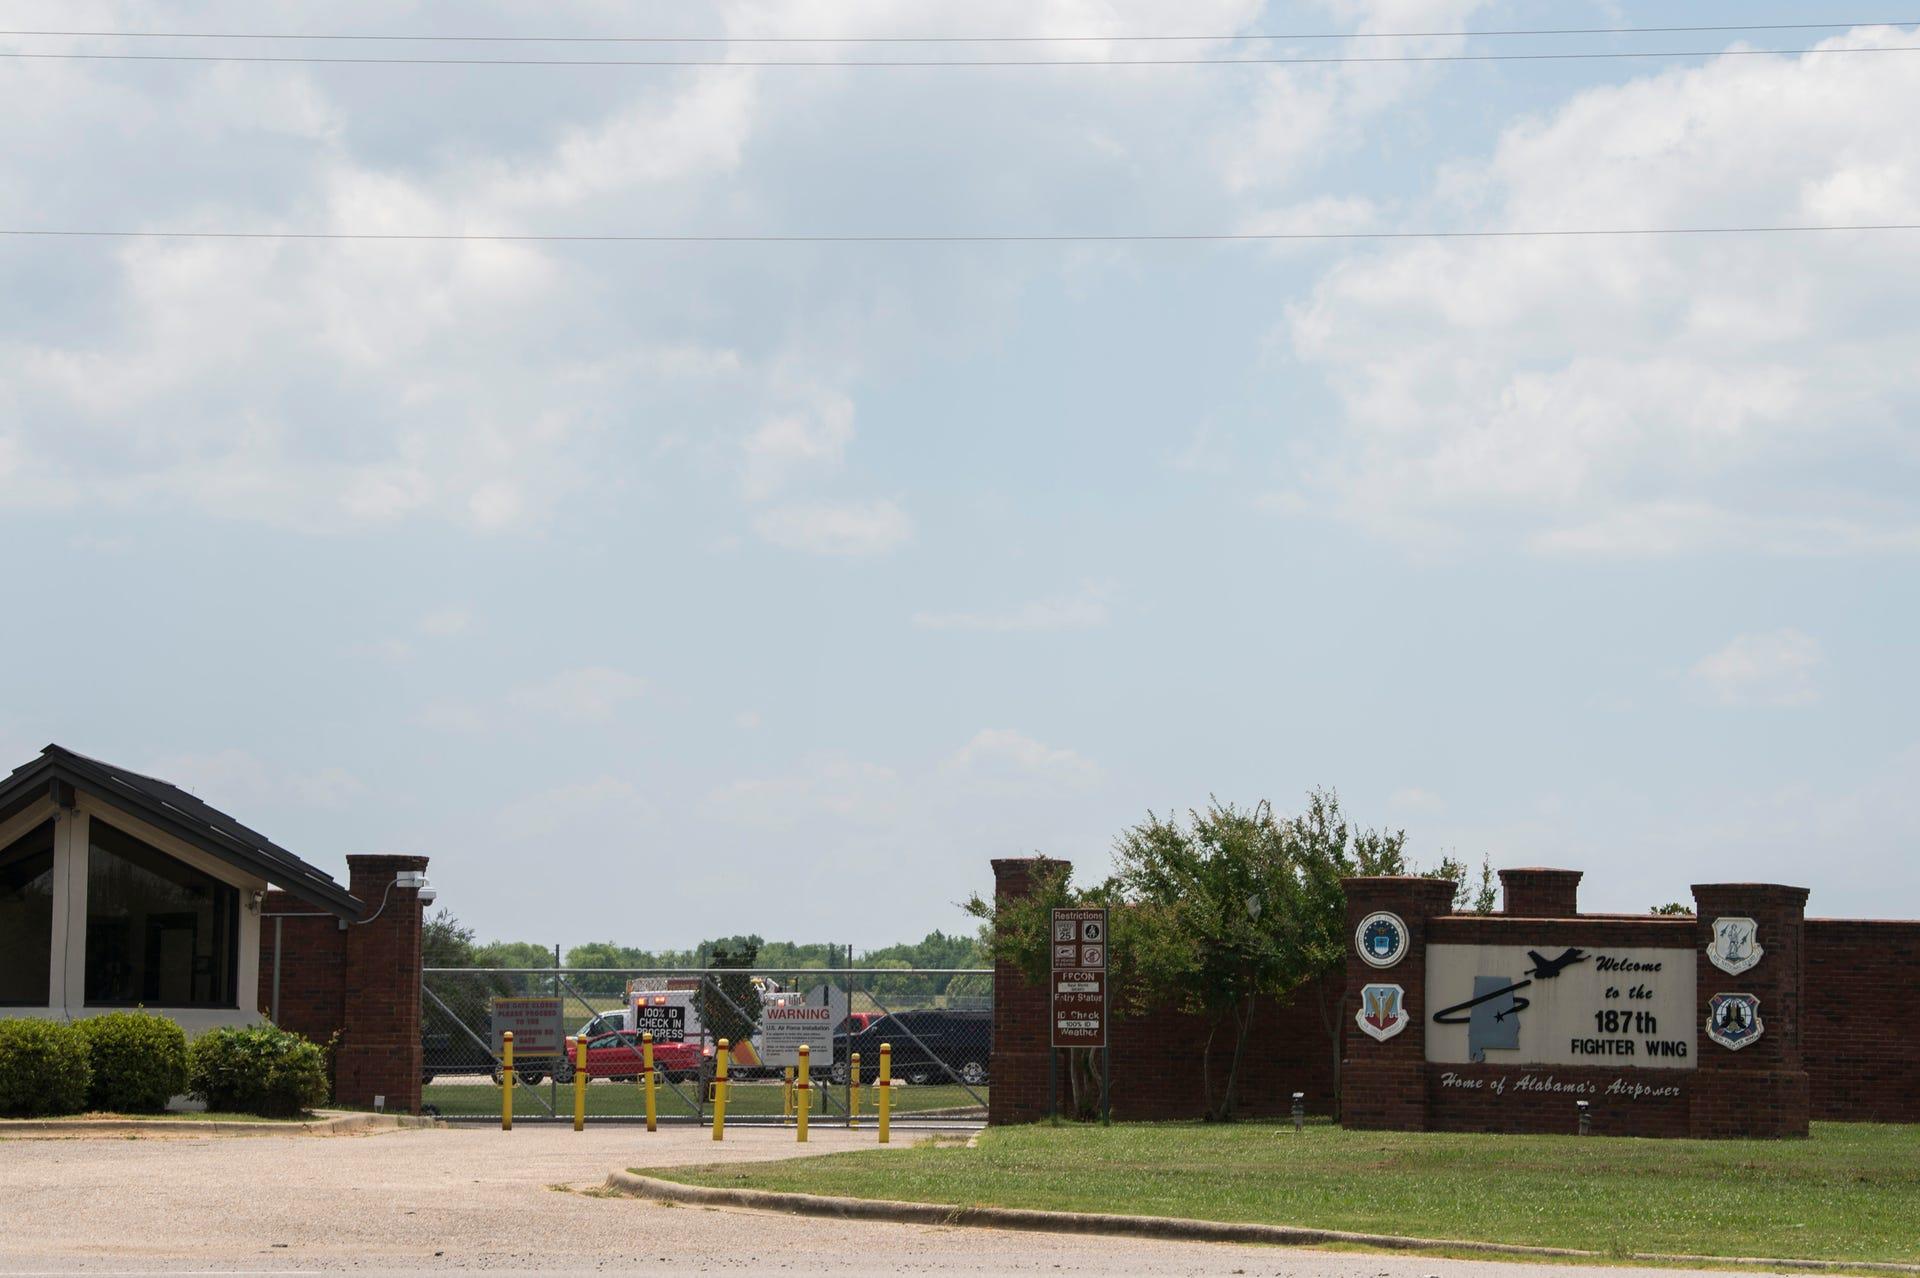 Chemical leak at Alabama Air National Guard